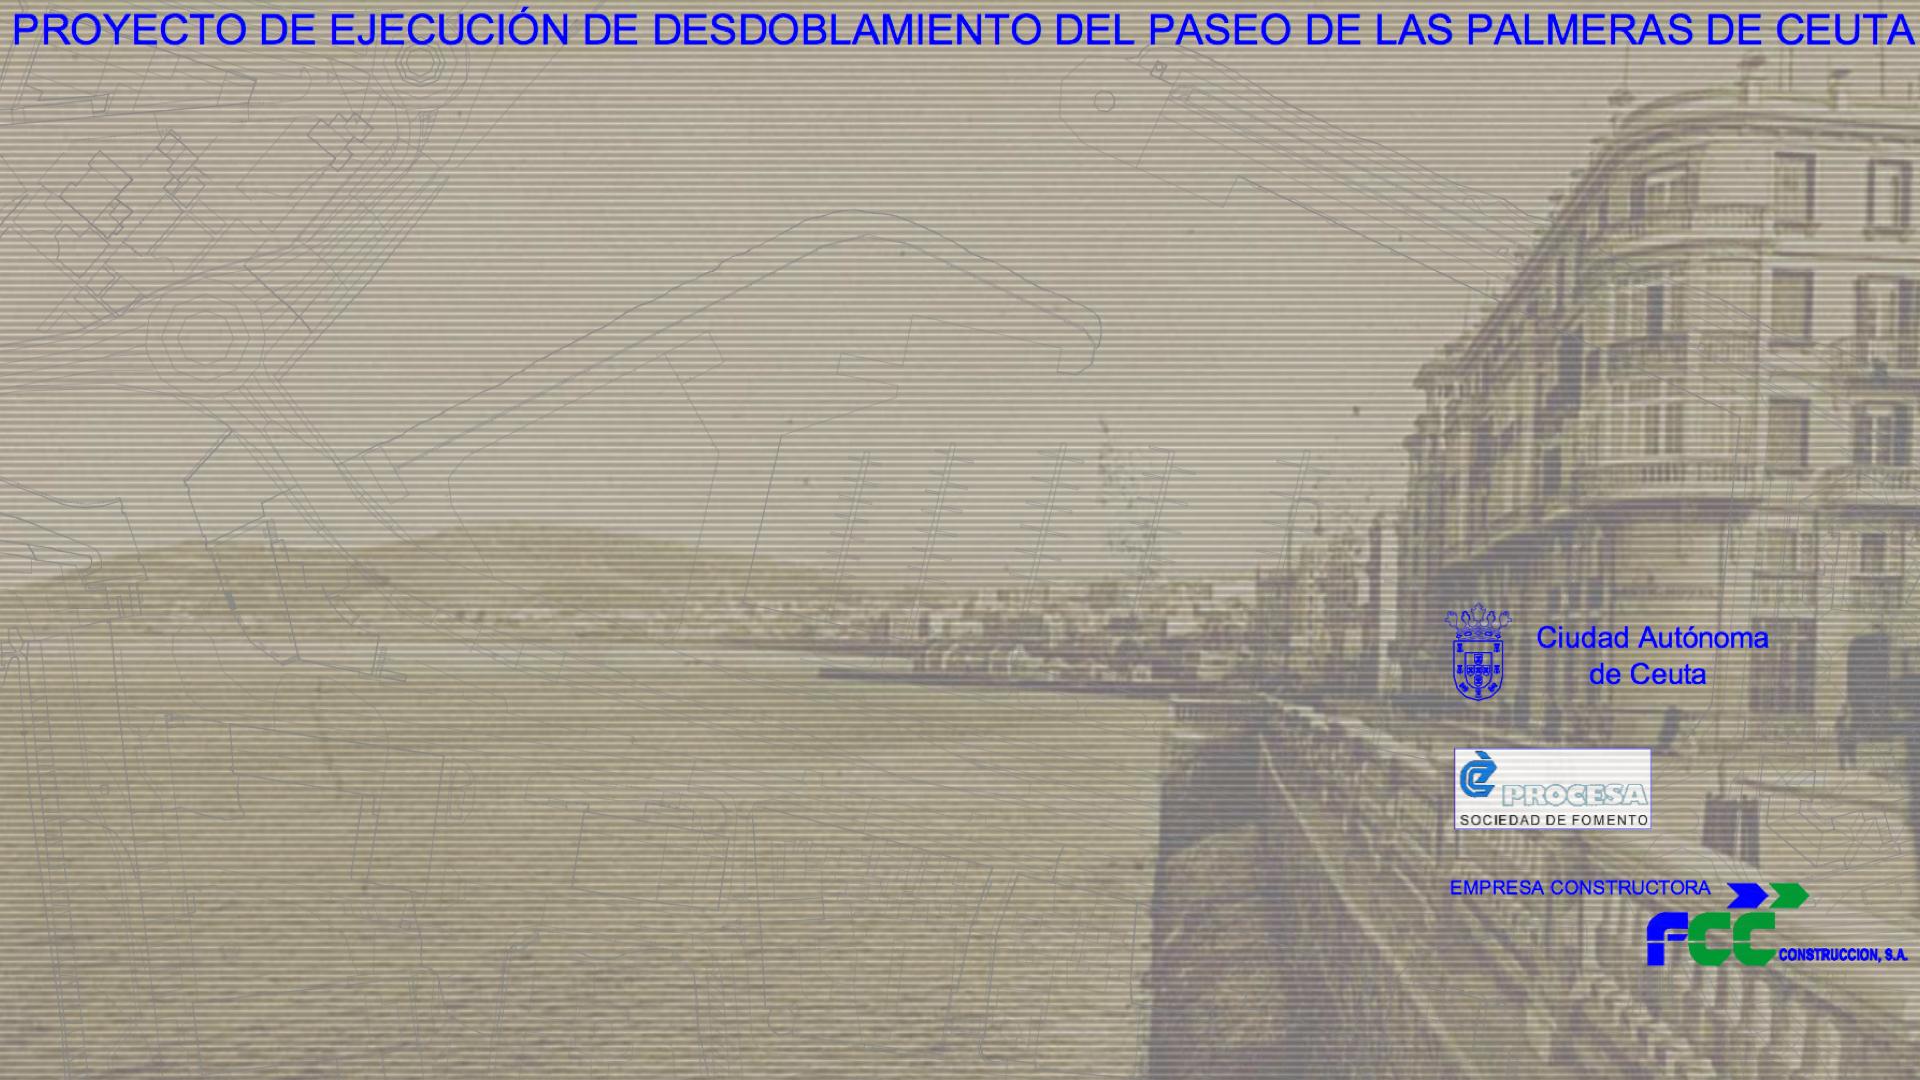 PRESENTACIÓN PROYECTO DESDOBLAMIENTO DEL PASEO DE LAS PALMERAS, Ceuta (España) 2002